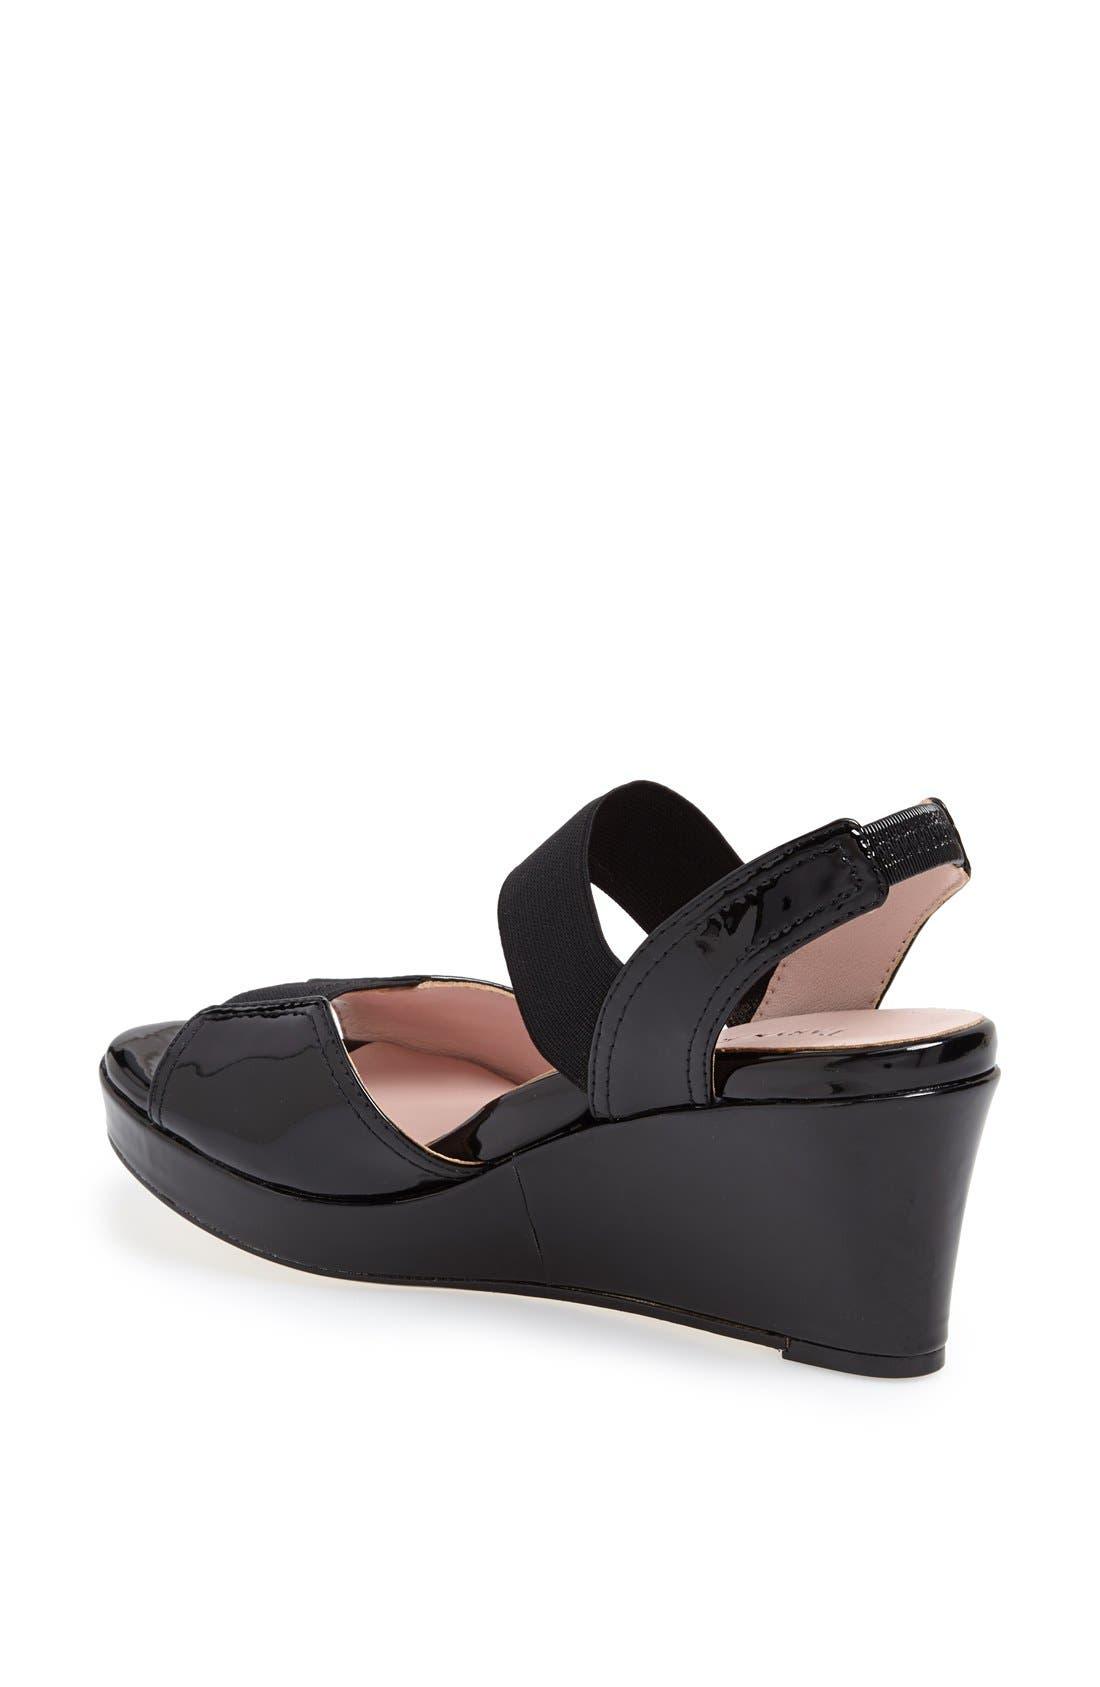 Alternate Image 2  - Taryn Rose 'Sinai' Wedge Sandal